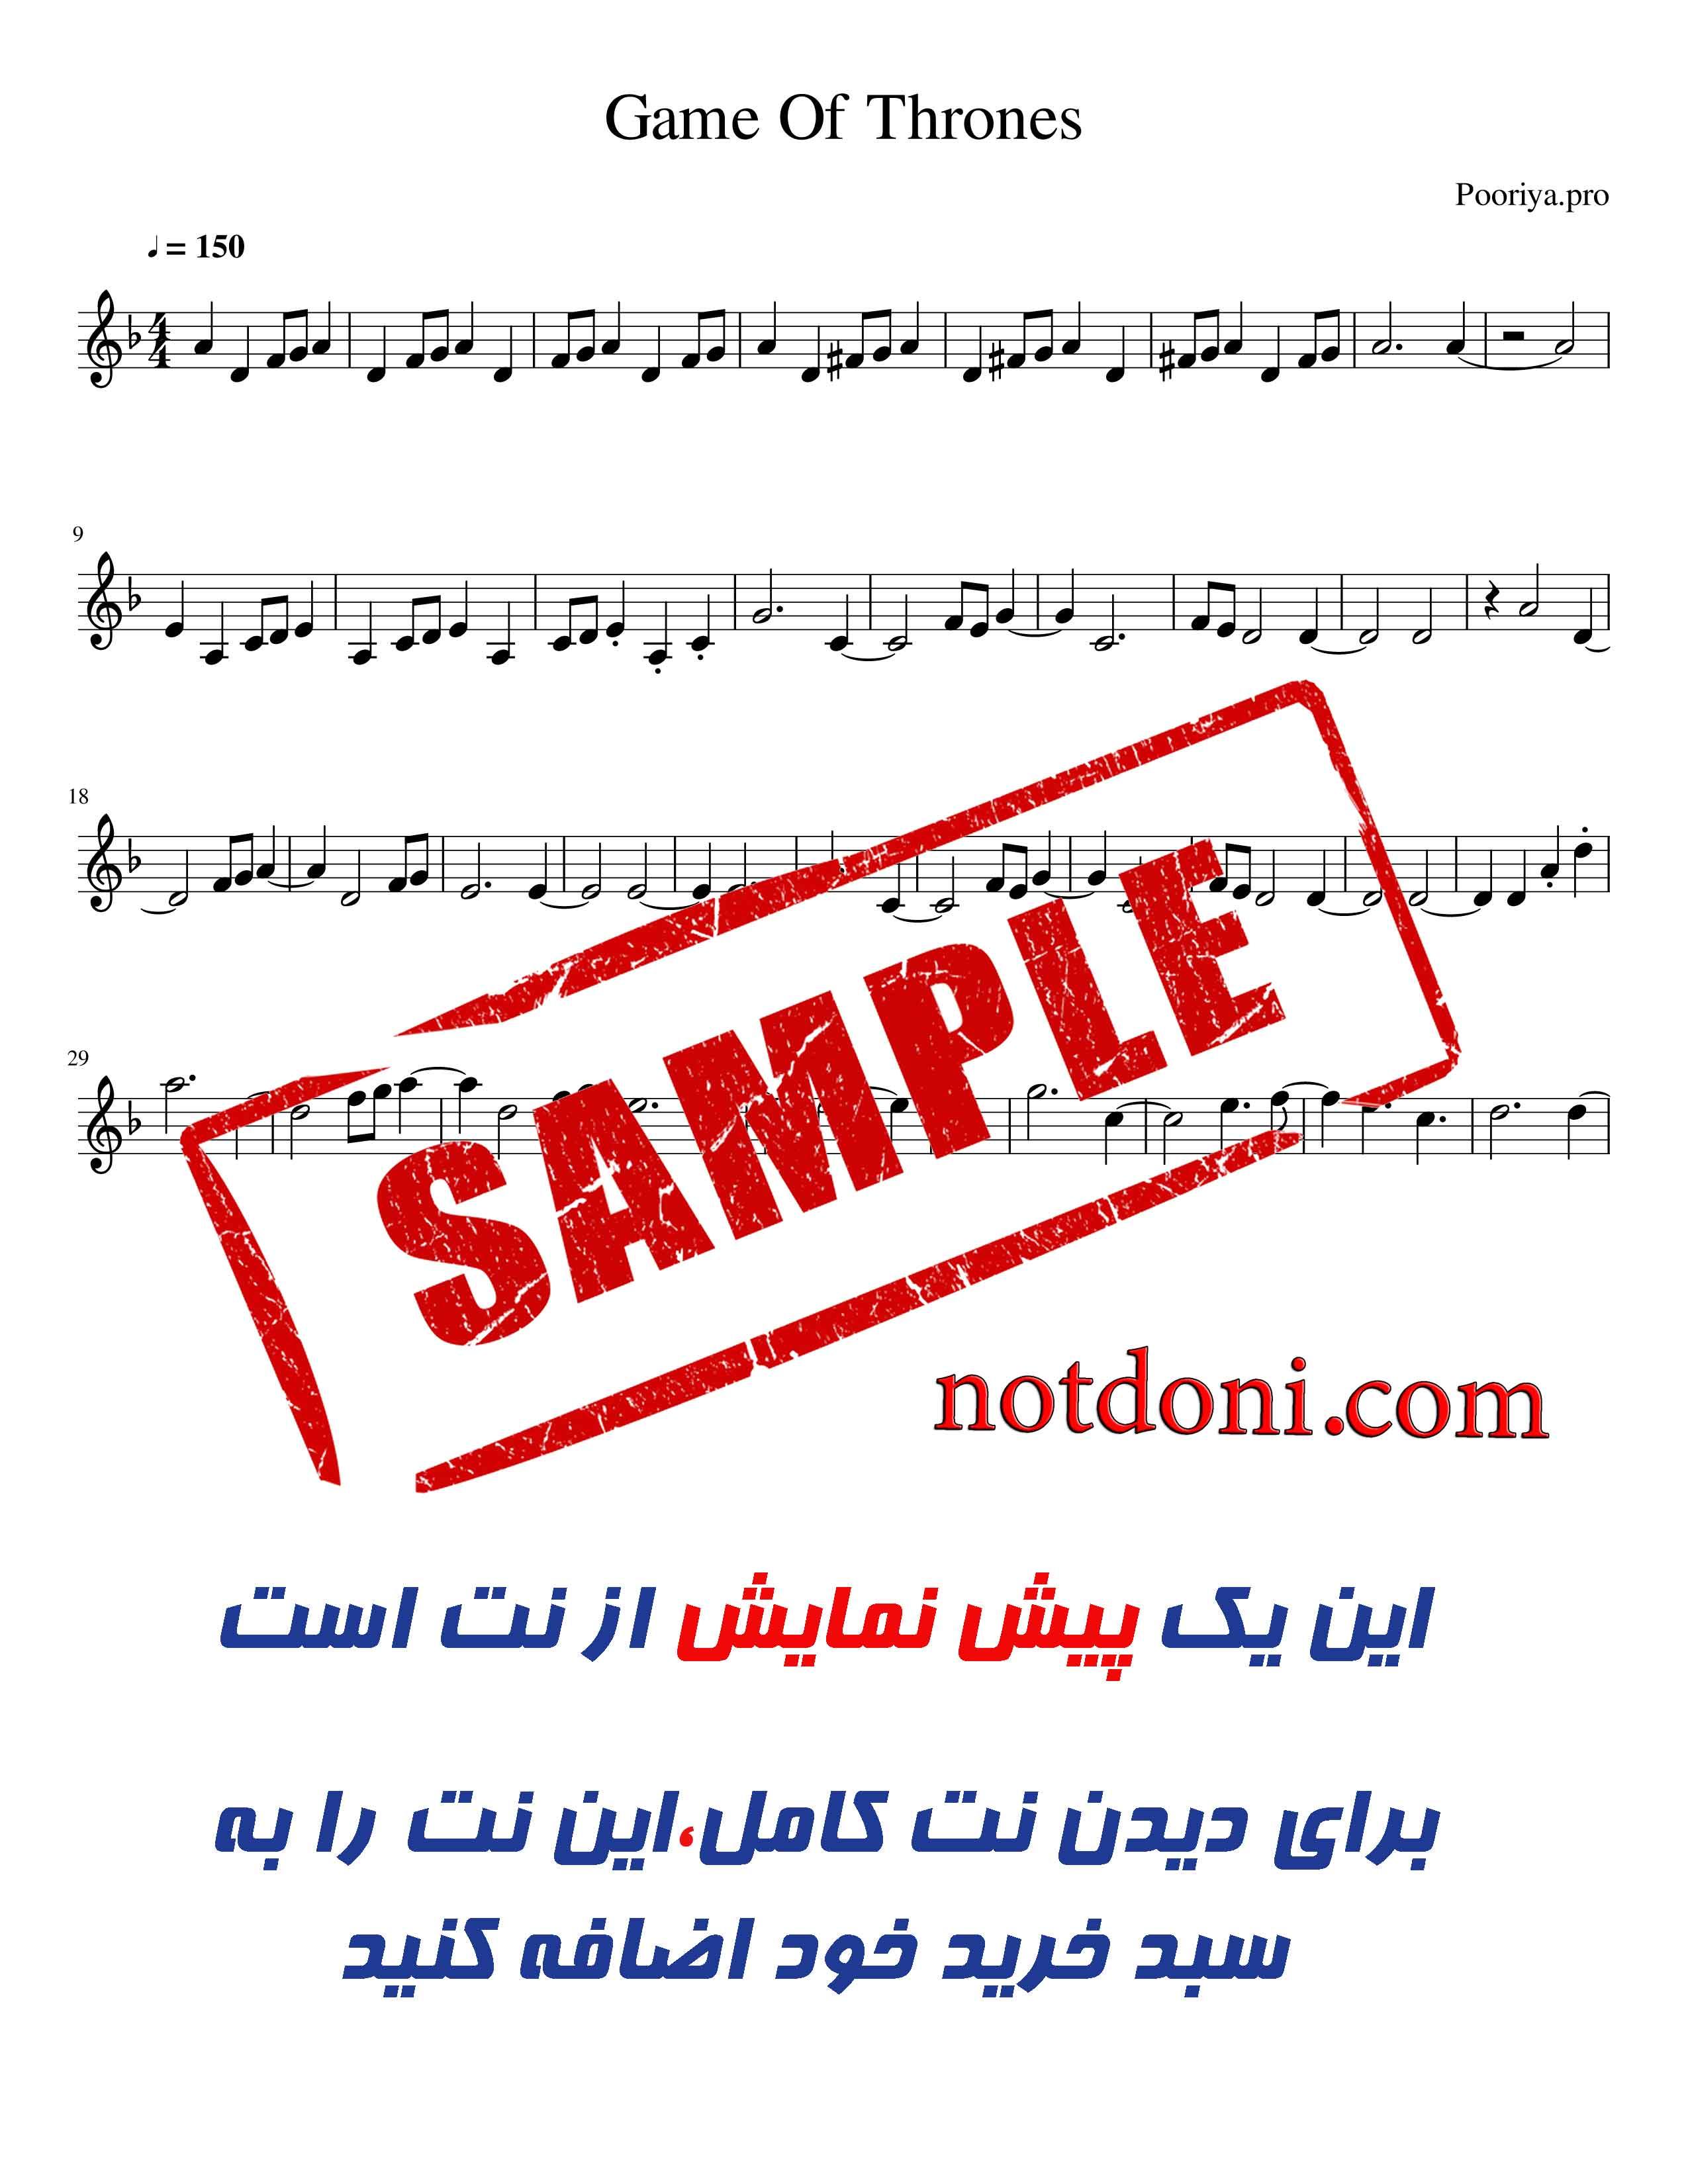 a0a1cfe0-4224-4f48-bacd-ee93a804ed33_دمو.jpg